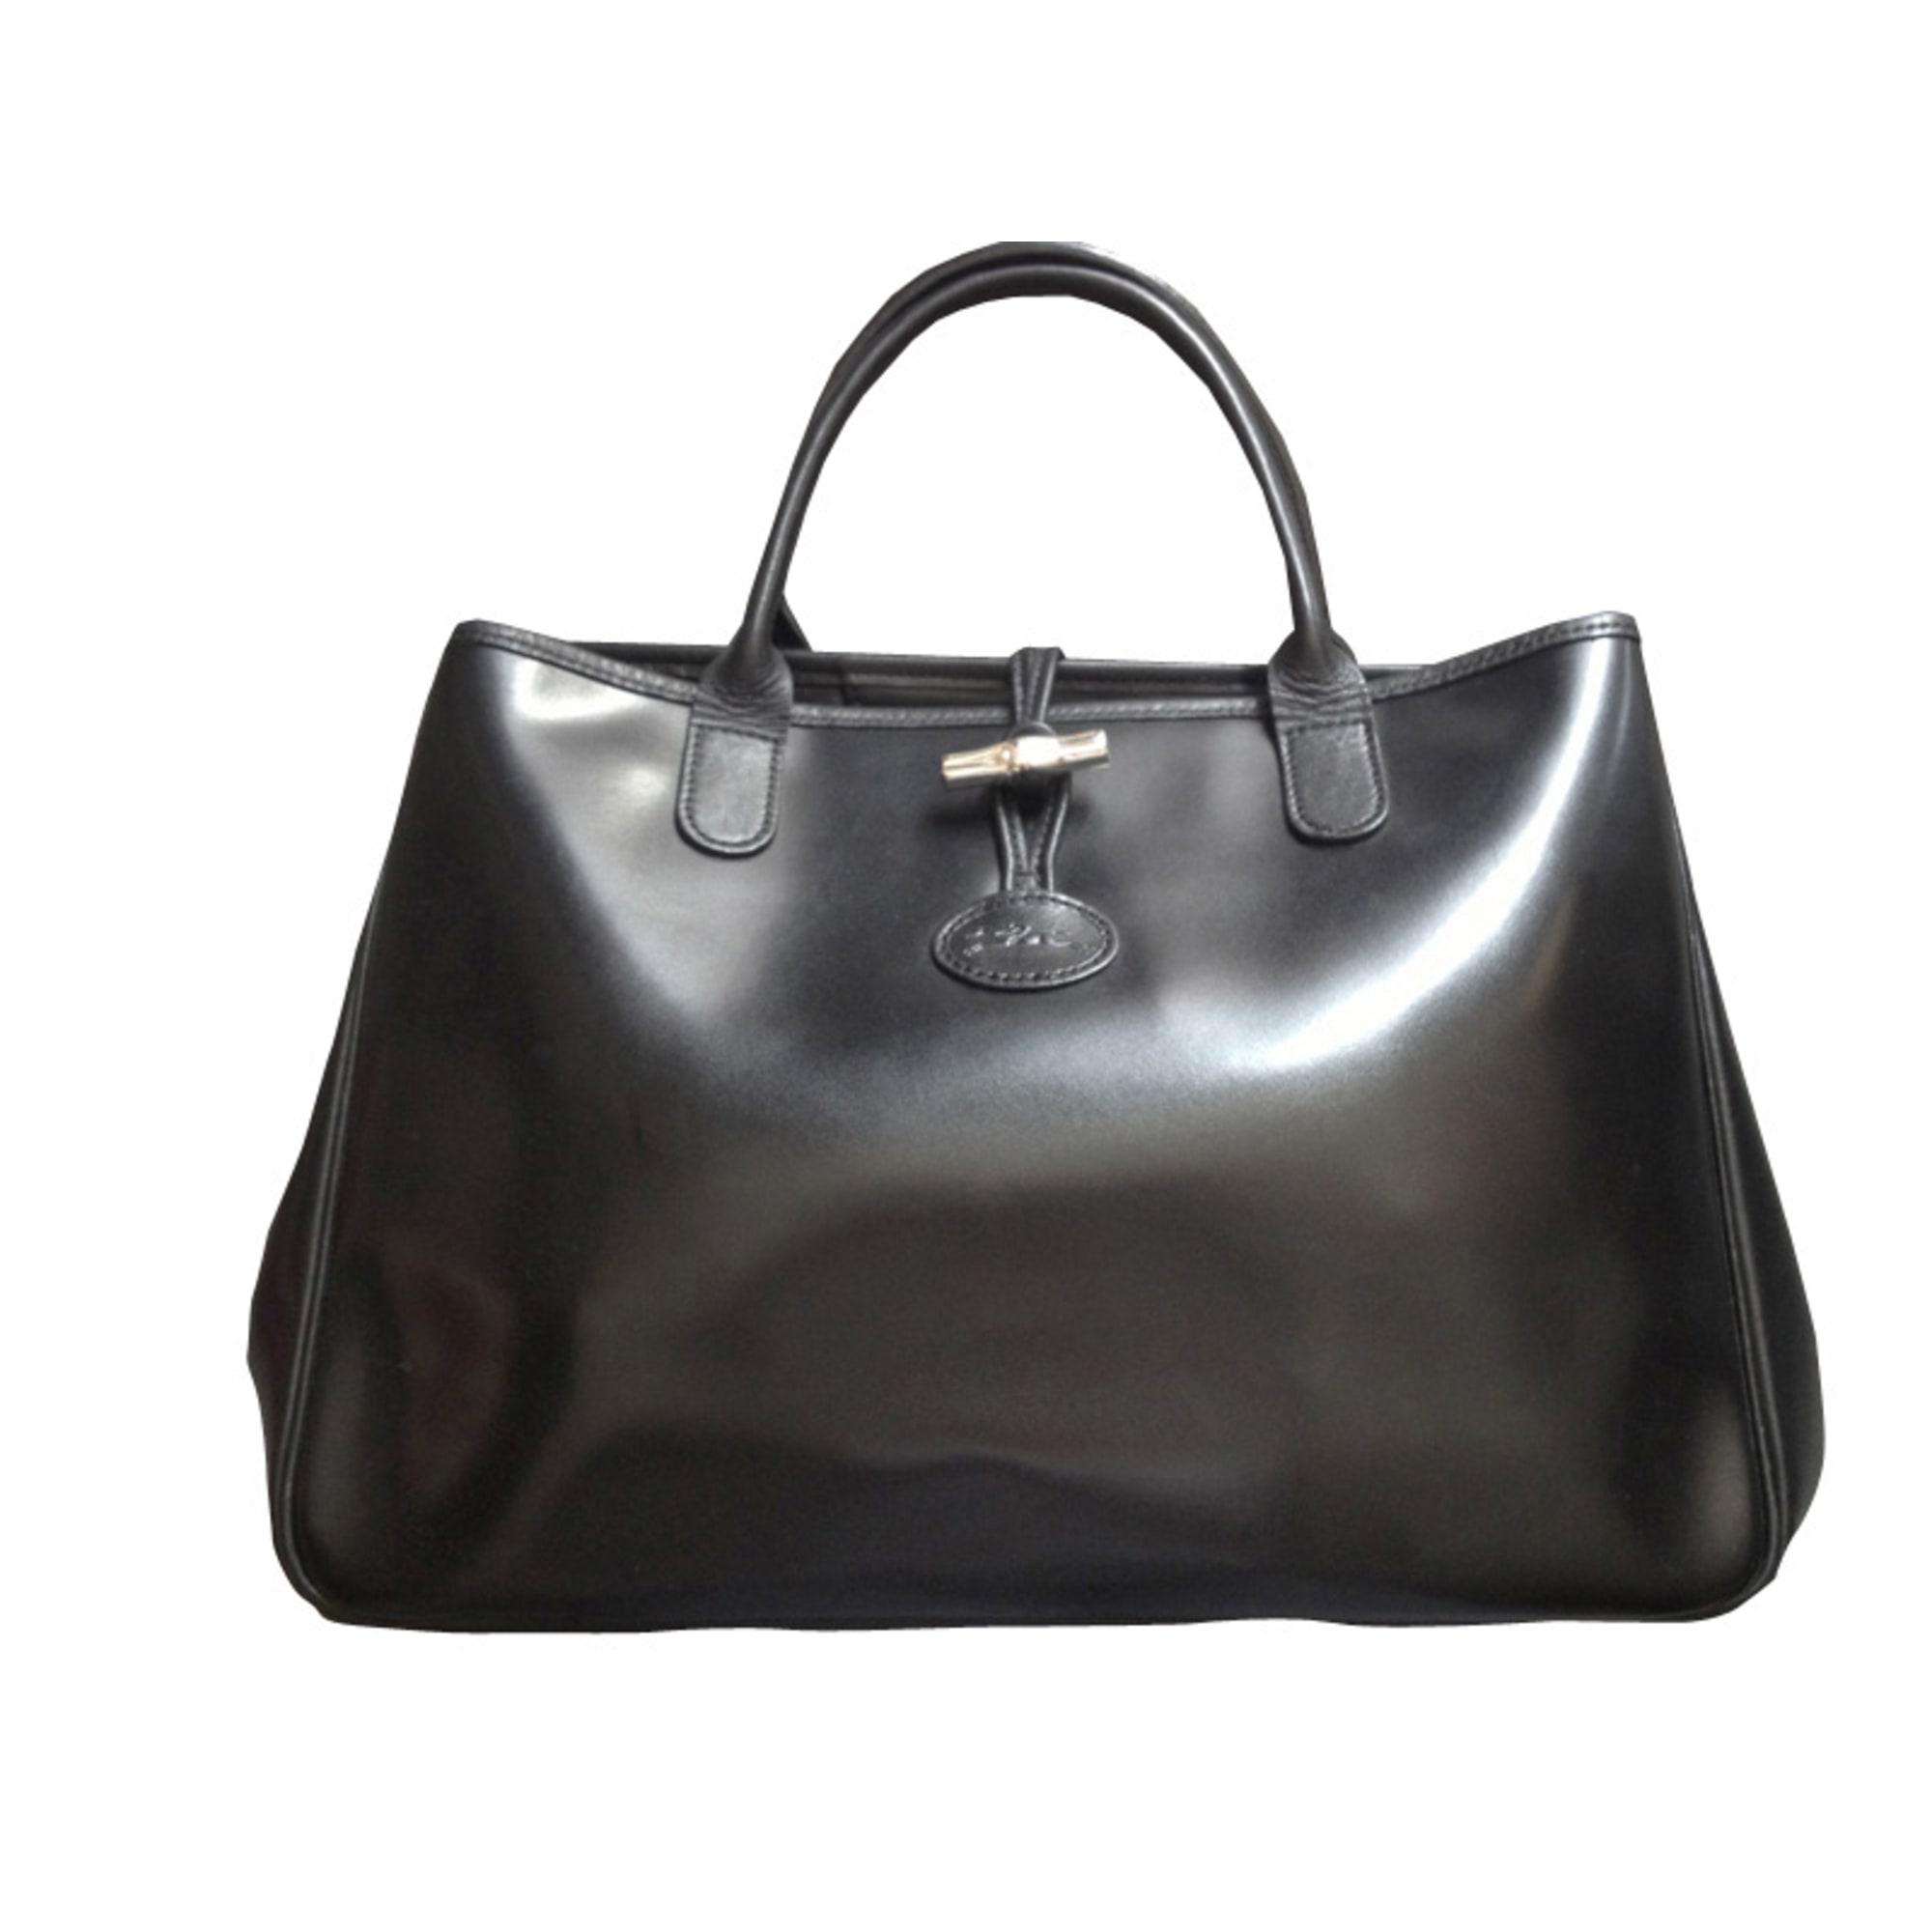 aeb3266cbc Sac à main en cuir LONGCHAMP noir vendu par Loulouch18955 - 1290340